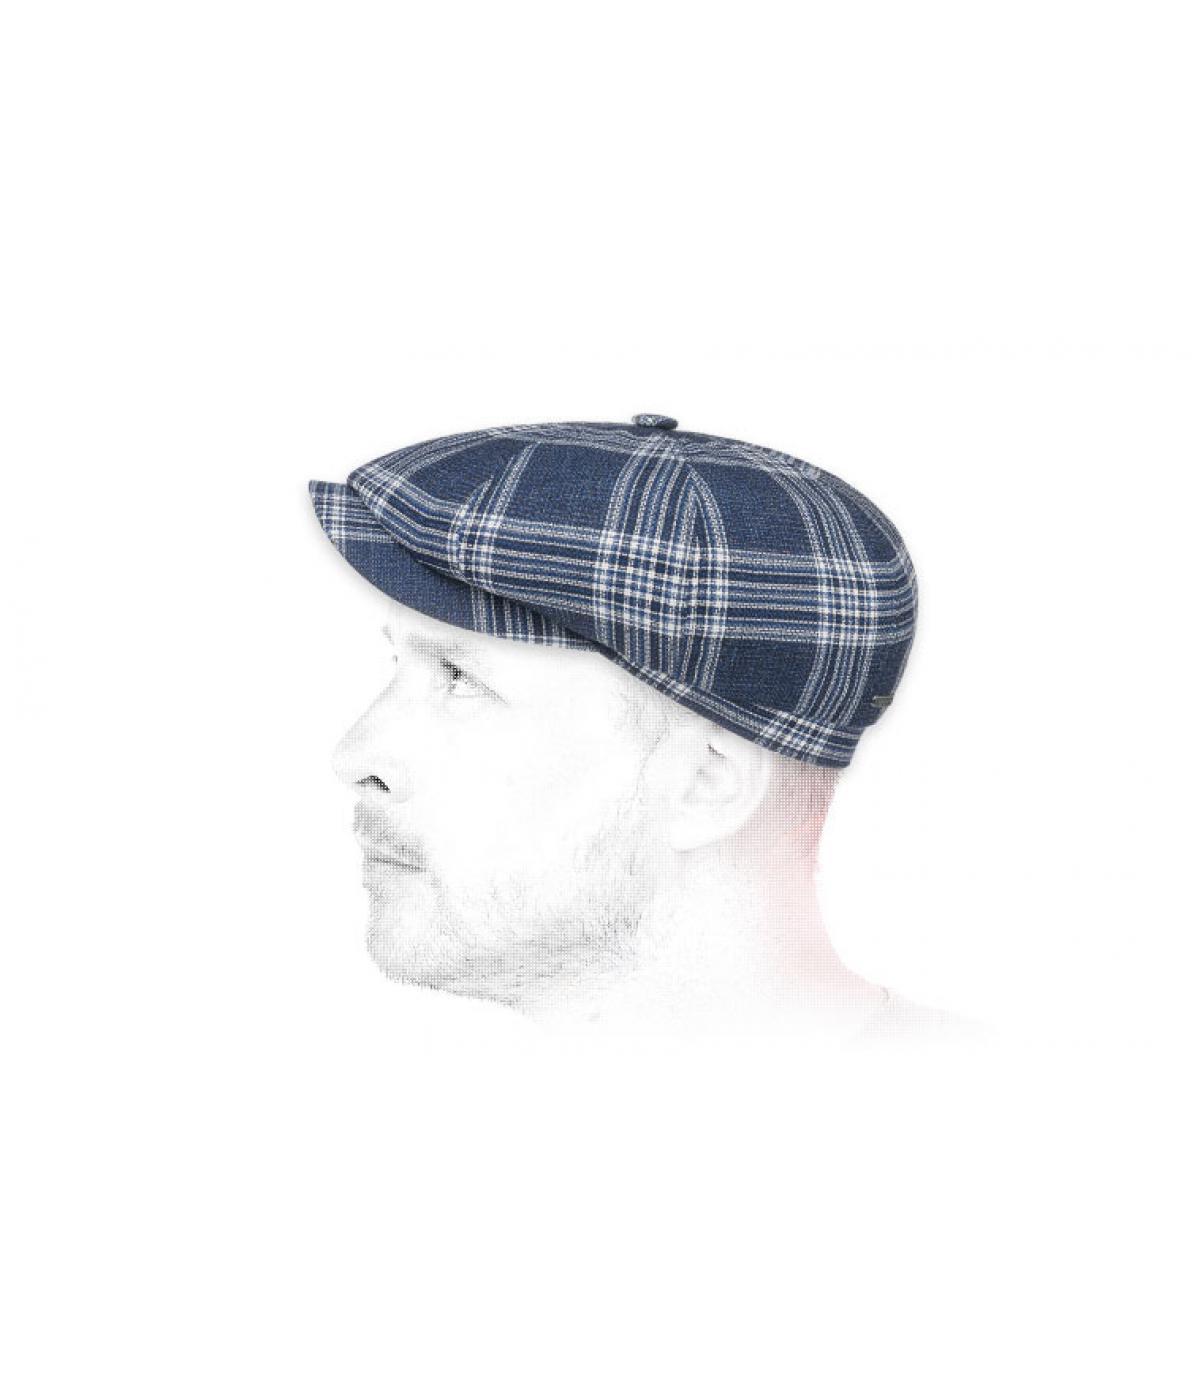 berretto strillone di lana a quadri blu